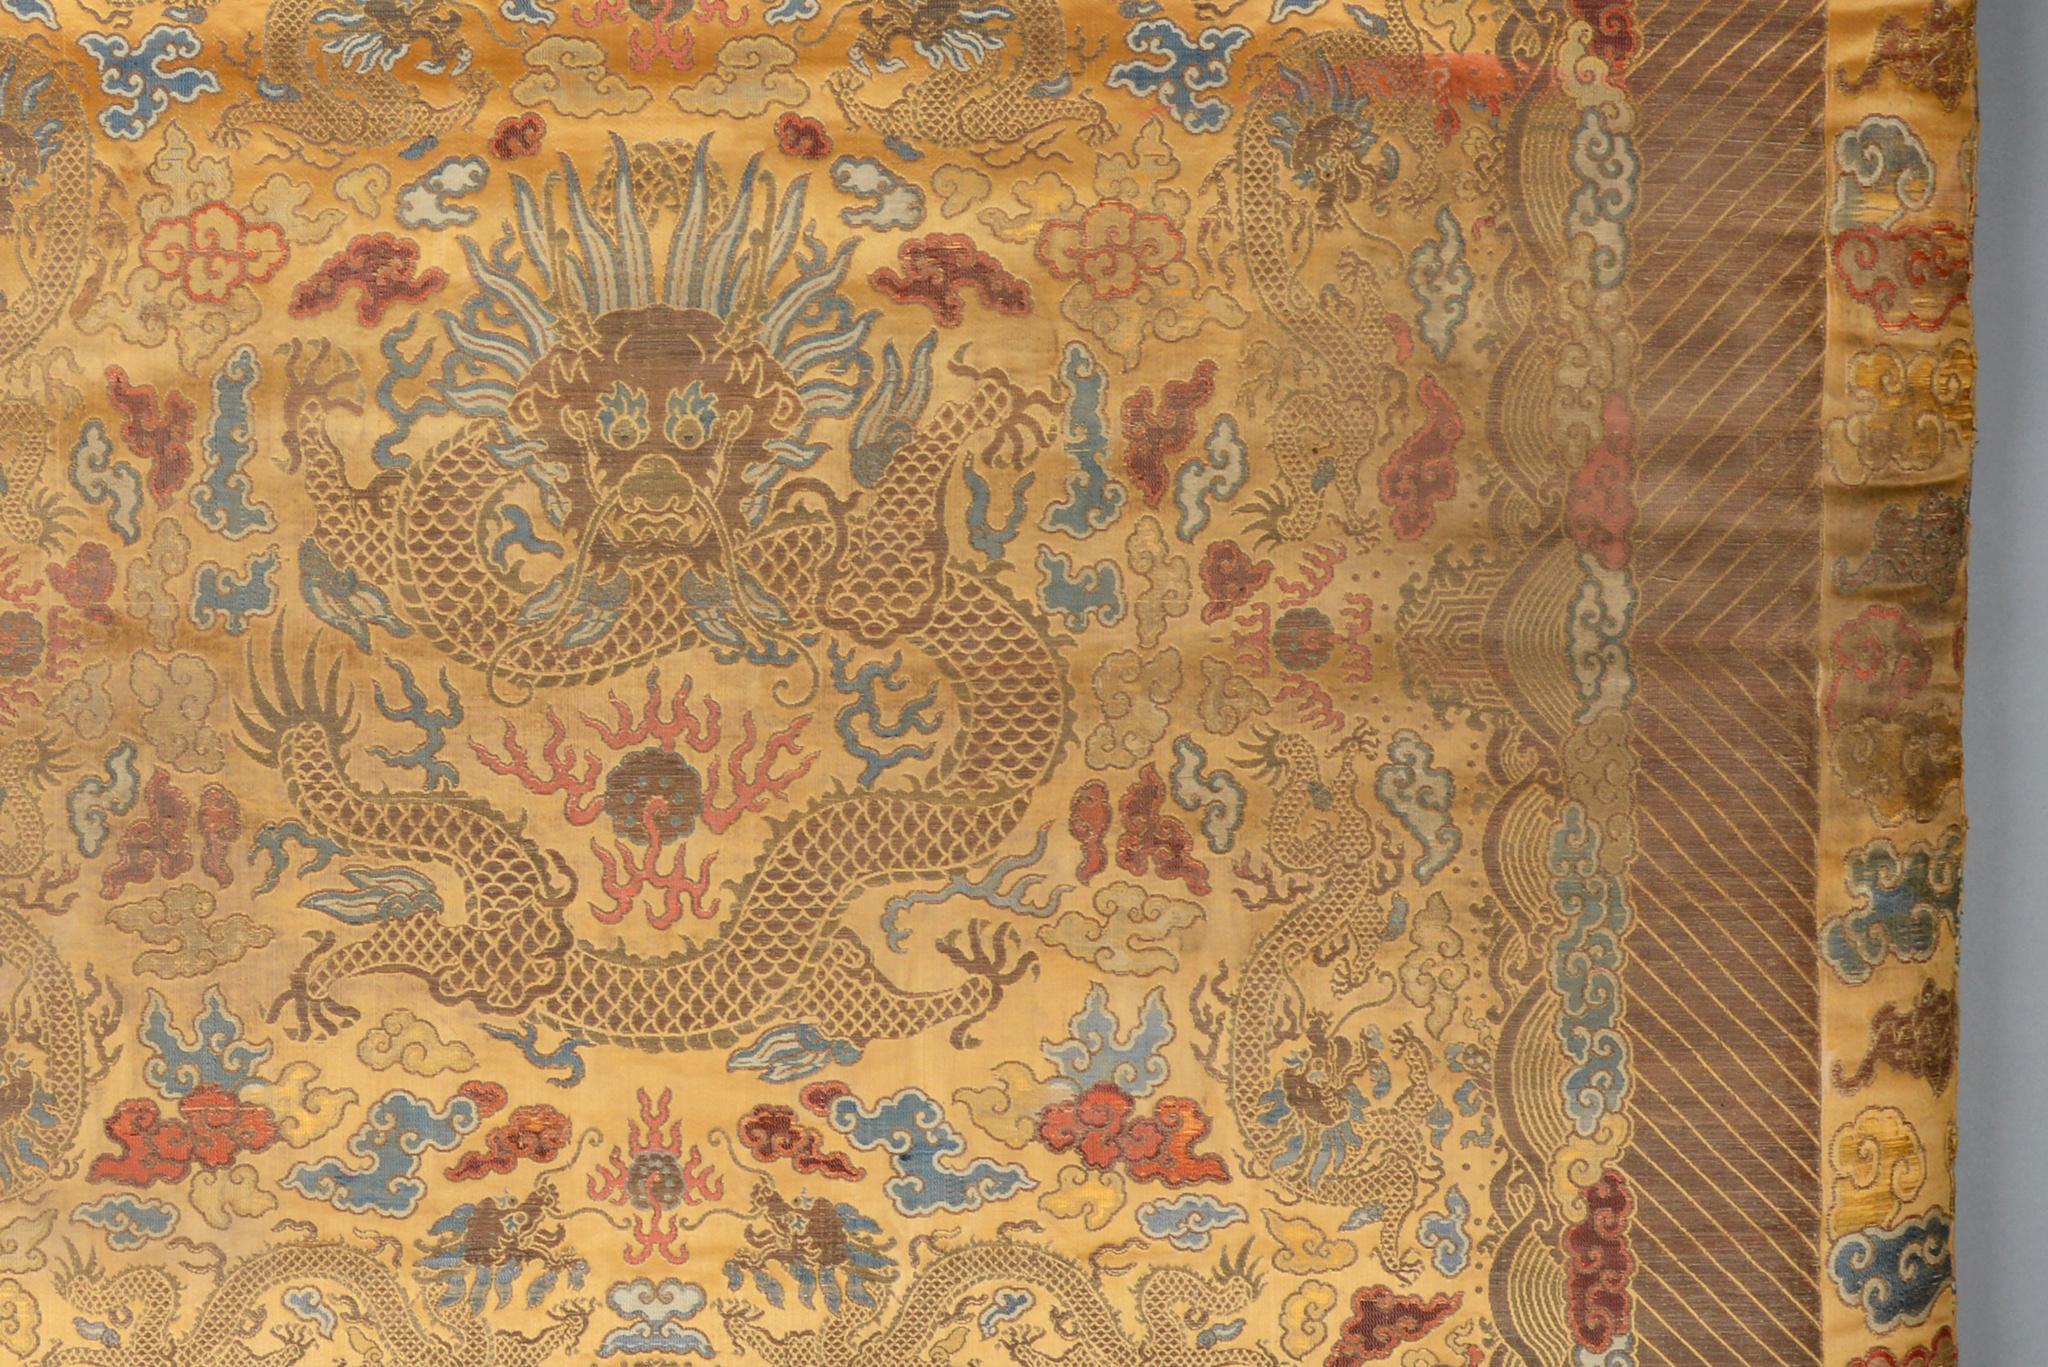 Seltenes königliches Thron- Sitzkissen mit Drachenmotiv, 1850 - 1900